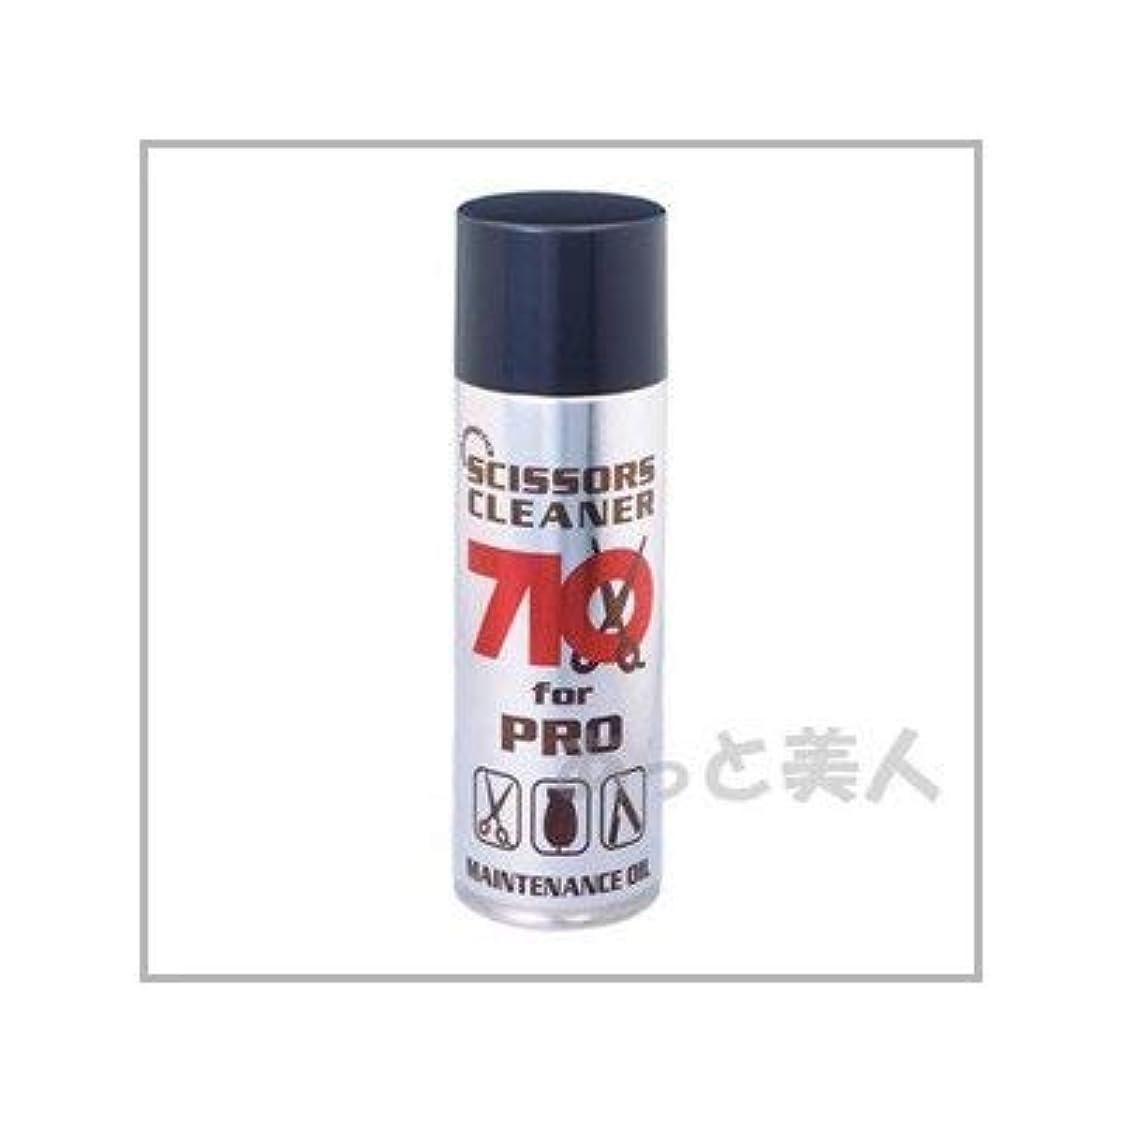 昼寝性能剃るシザーズクリーナーオイル710 220ml(スプレータイプ)